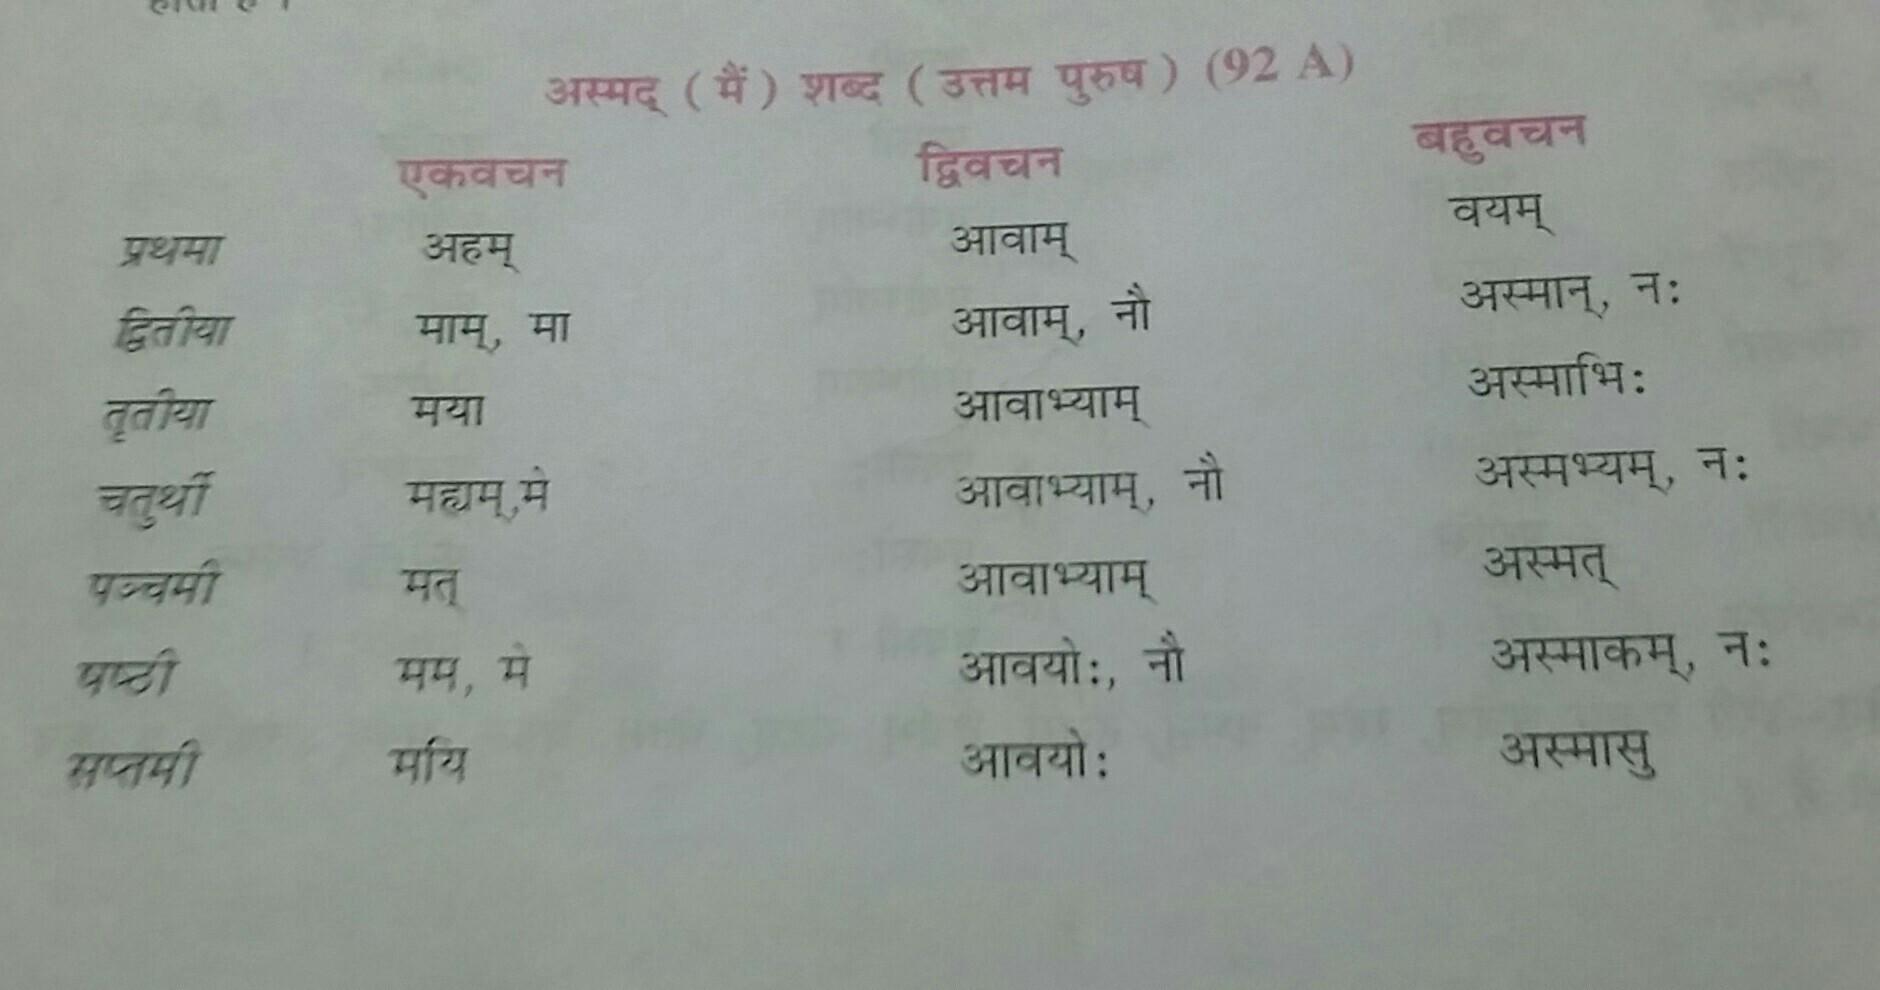 Asmad Ka Shabd Roop Kya Hai